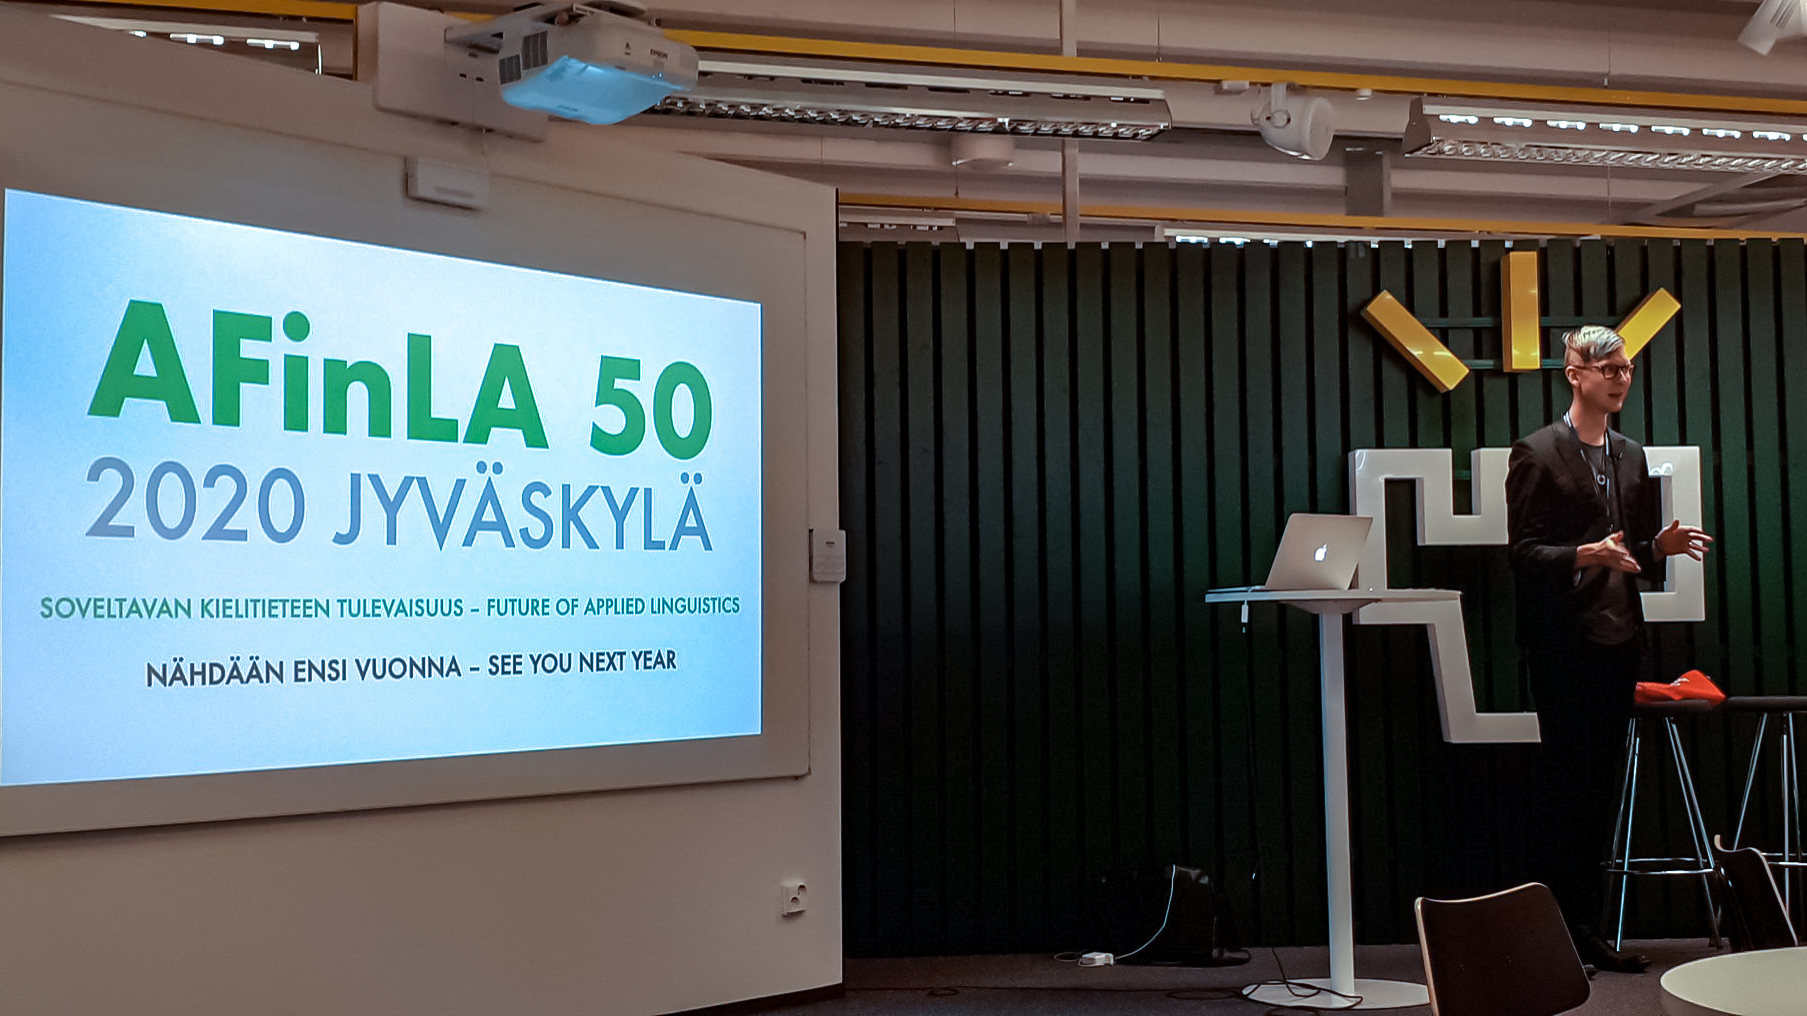 Juha Jalkanen håller tal invid en stor skärm.